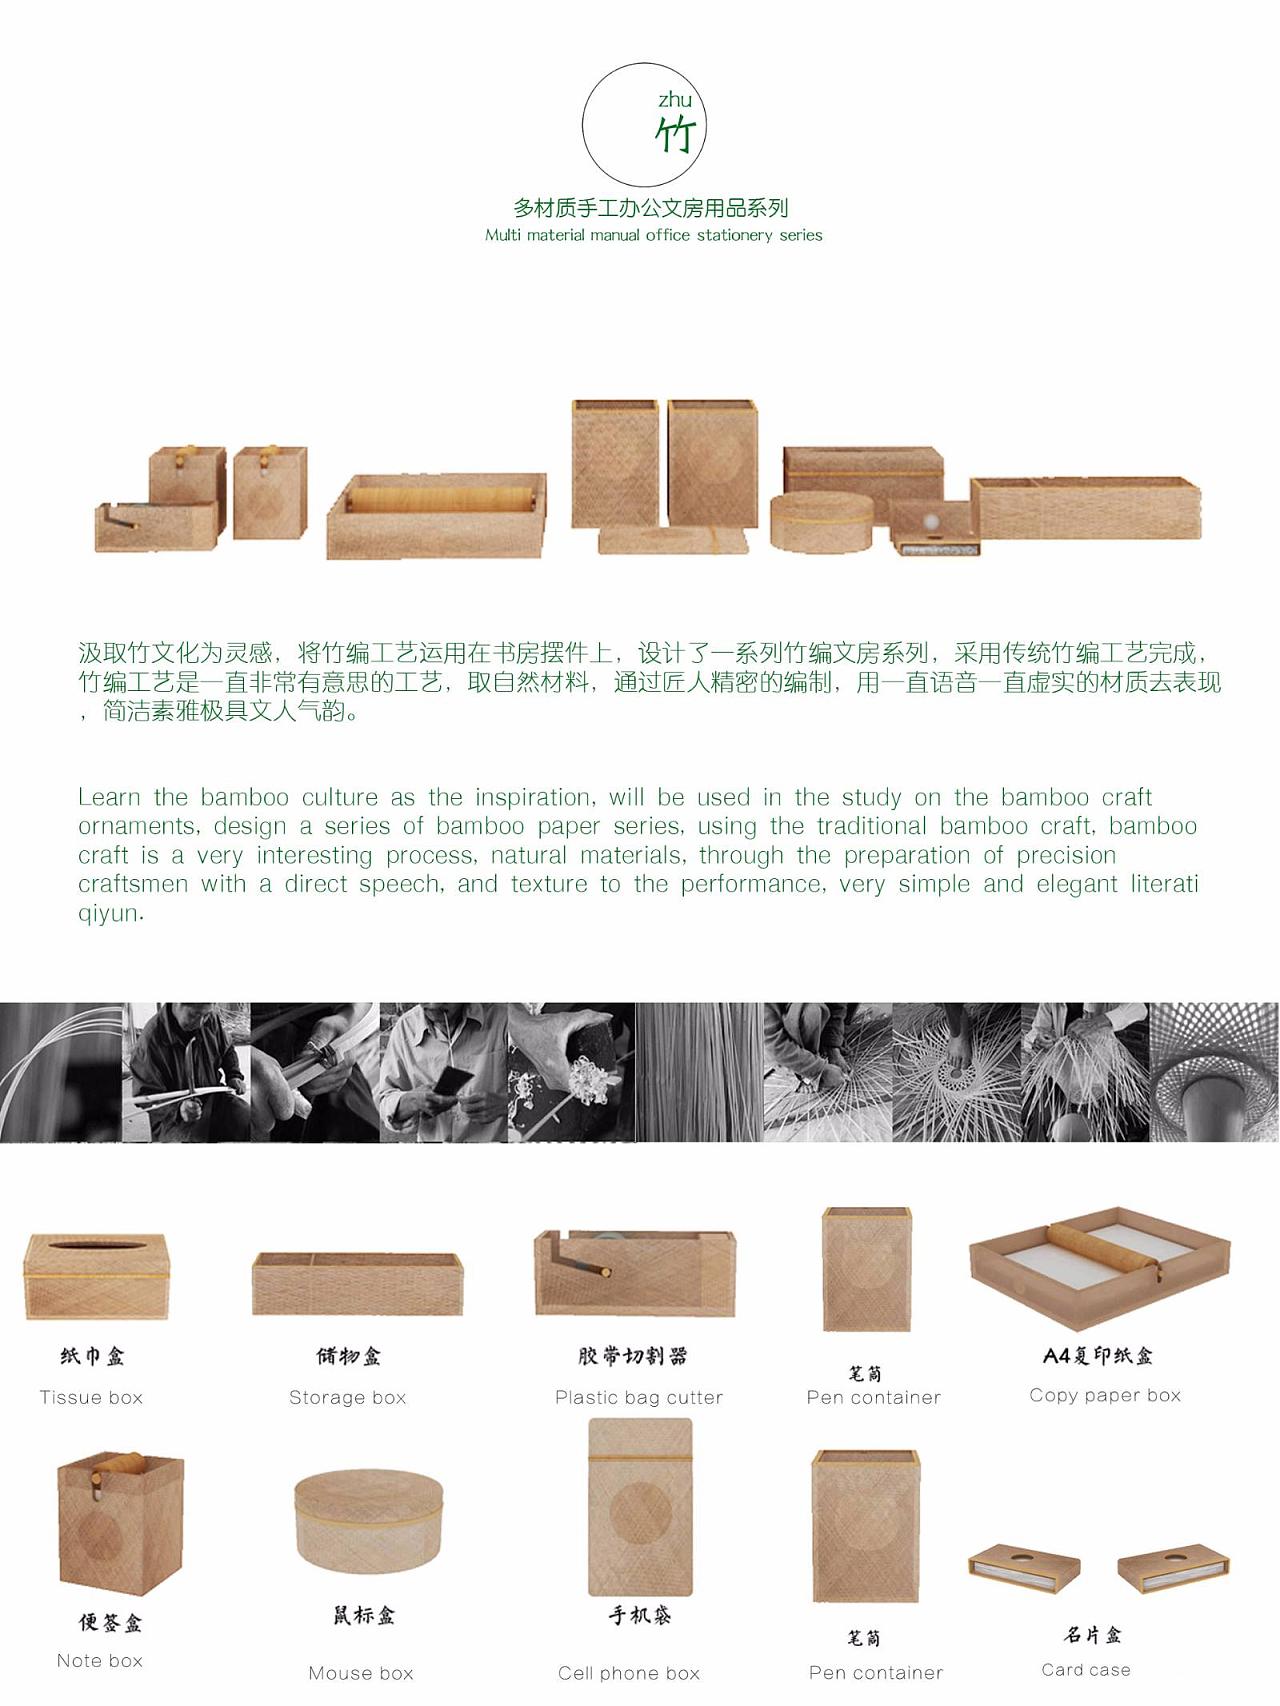 2017a工业大赛设计--融(竹,木,陶,铜,瓷)|工业/产品休闲厅家具图片